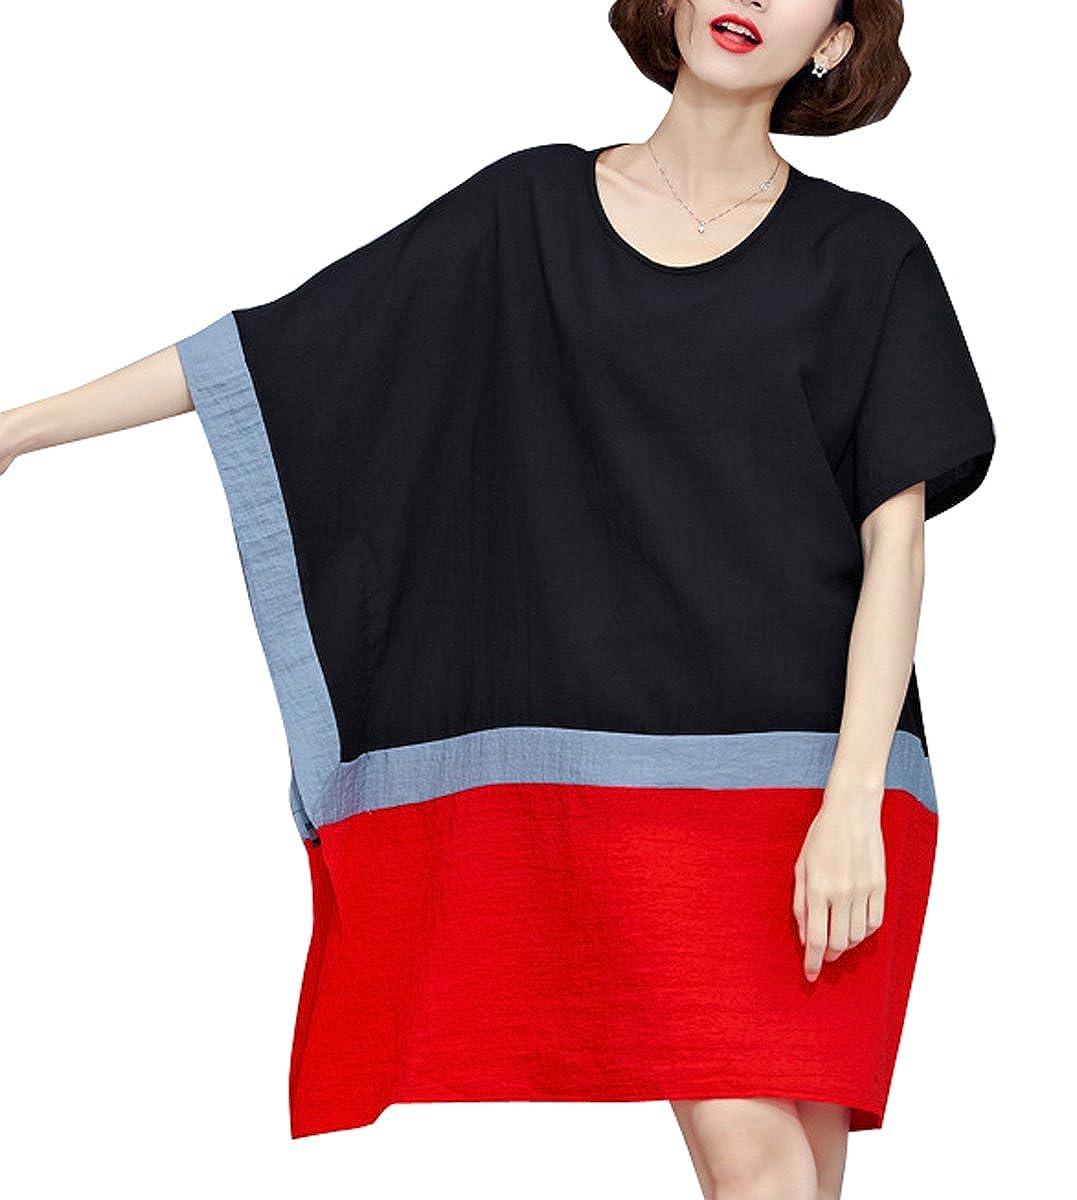 Amazon.com: ELLAZHU - Camiseta de manga larga para mujer ...